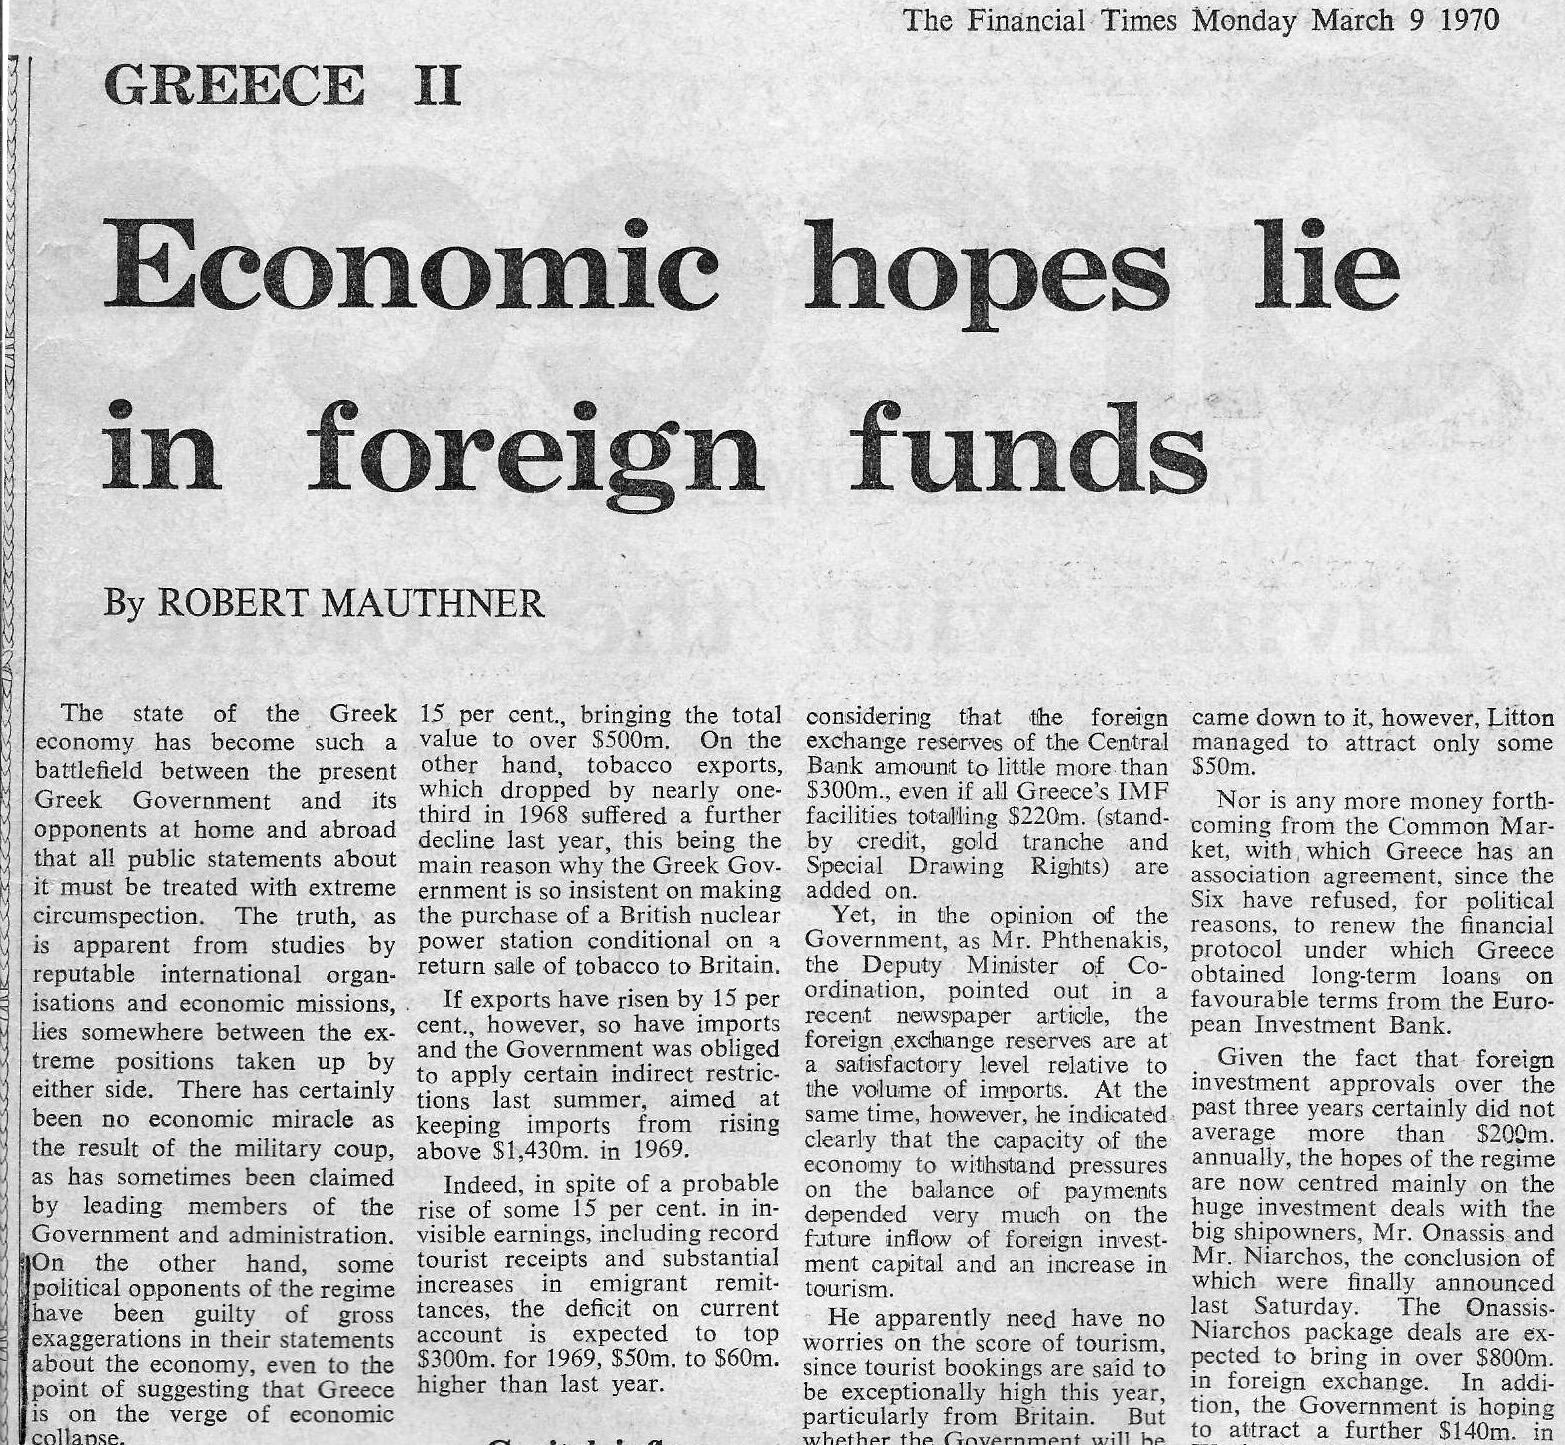 article on economy